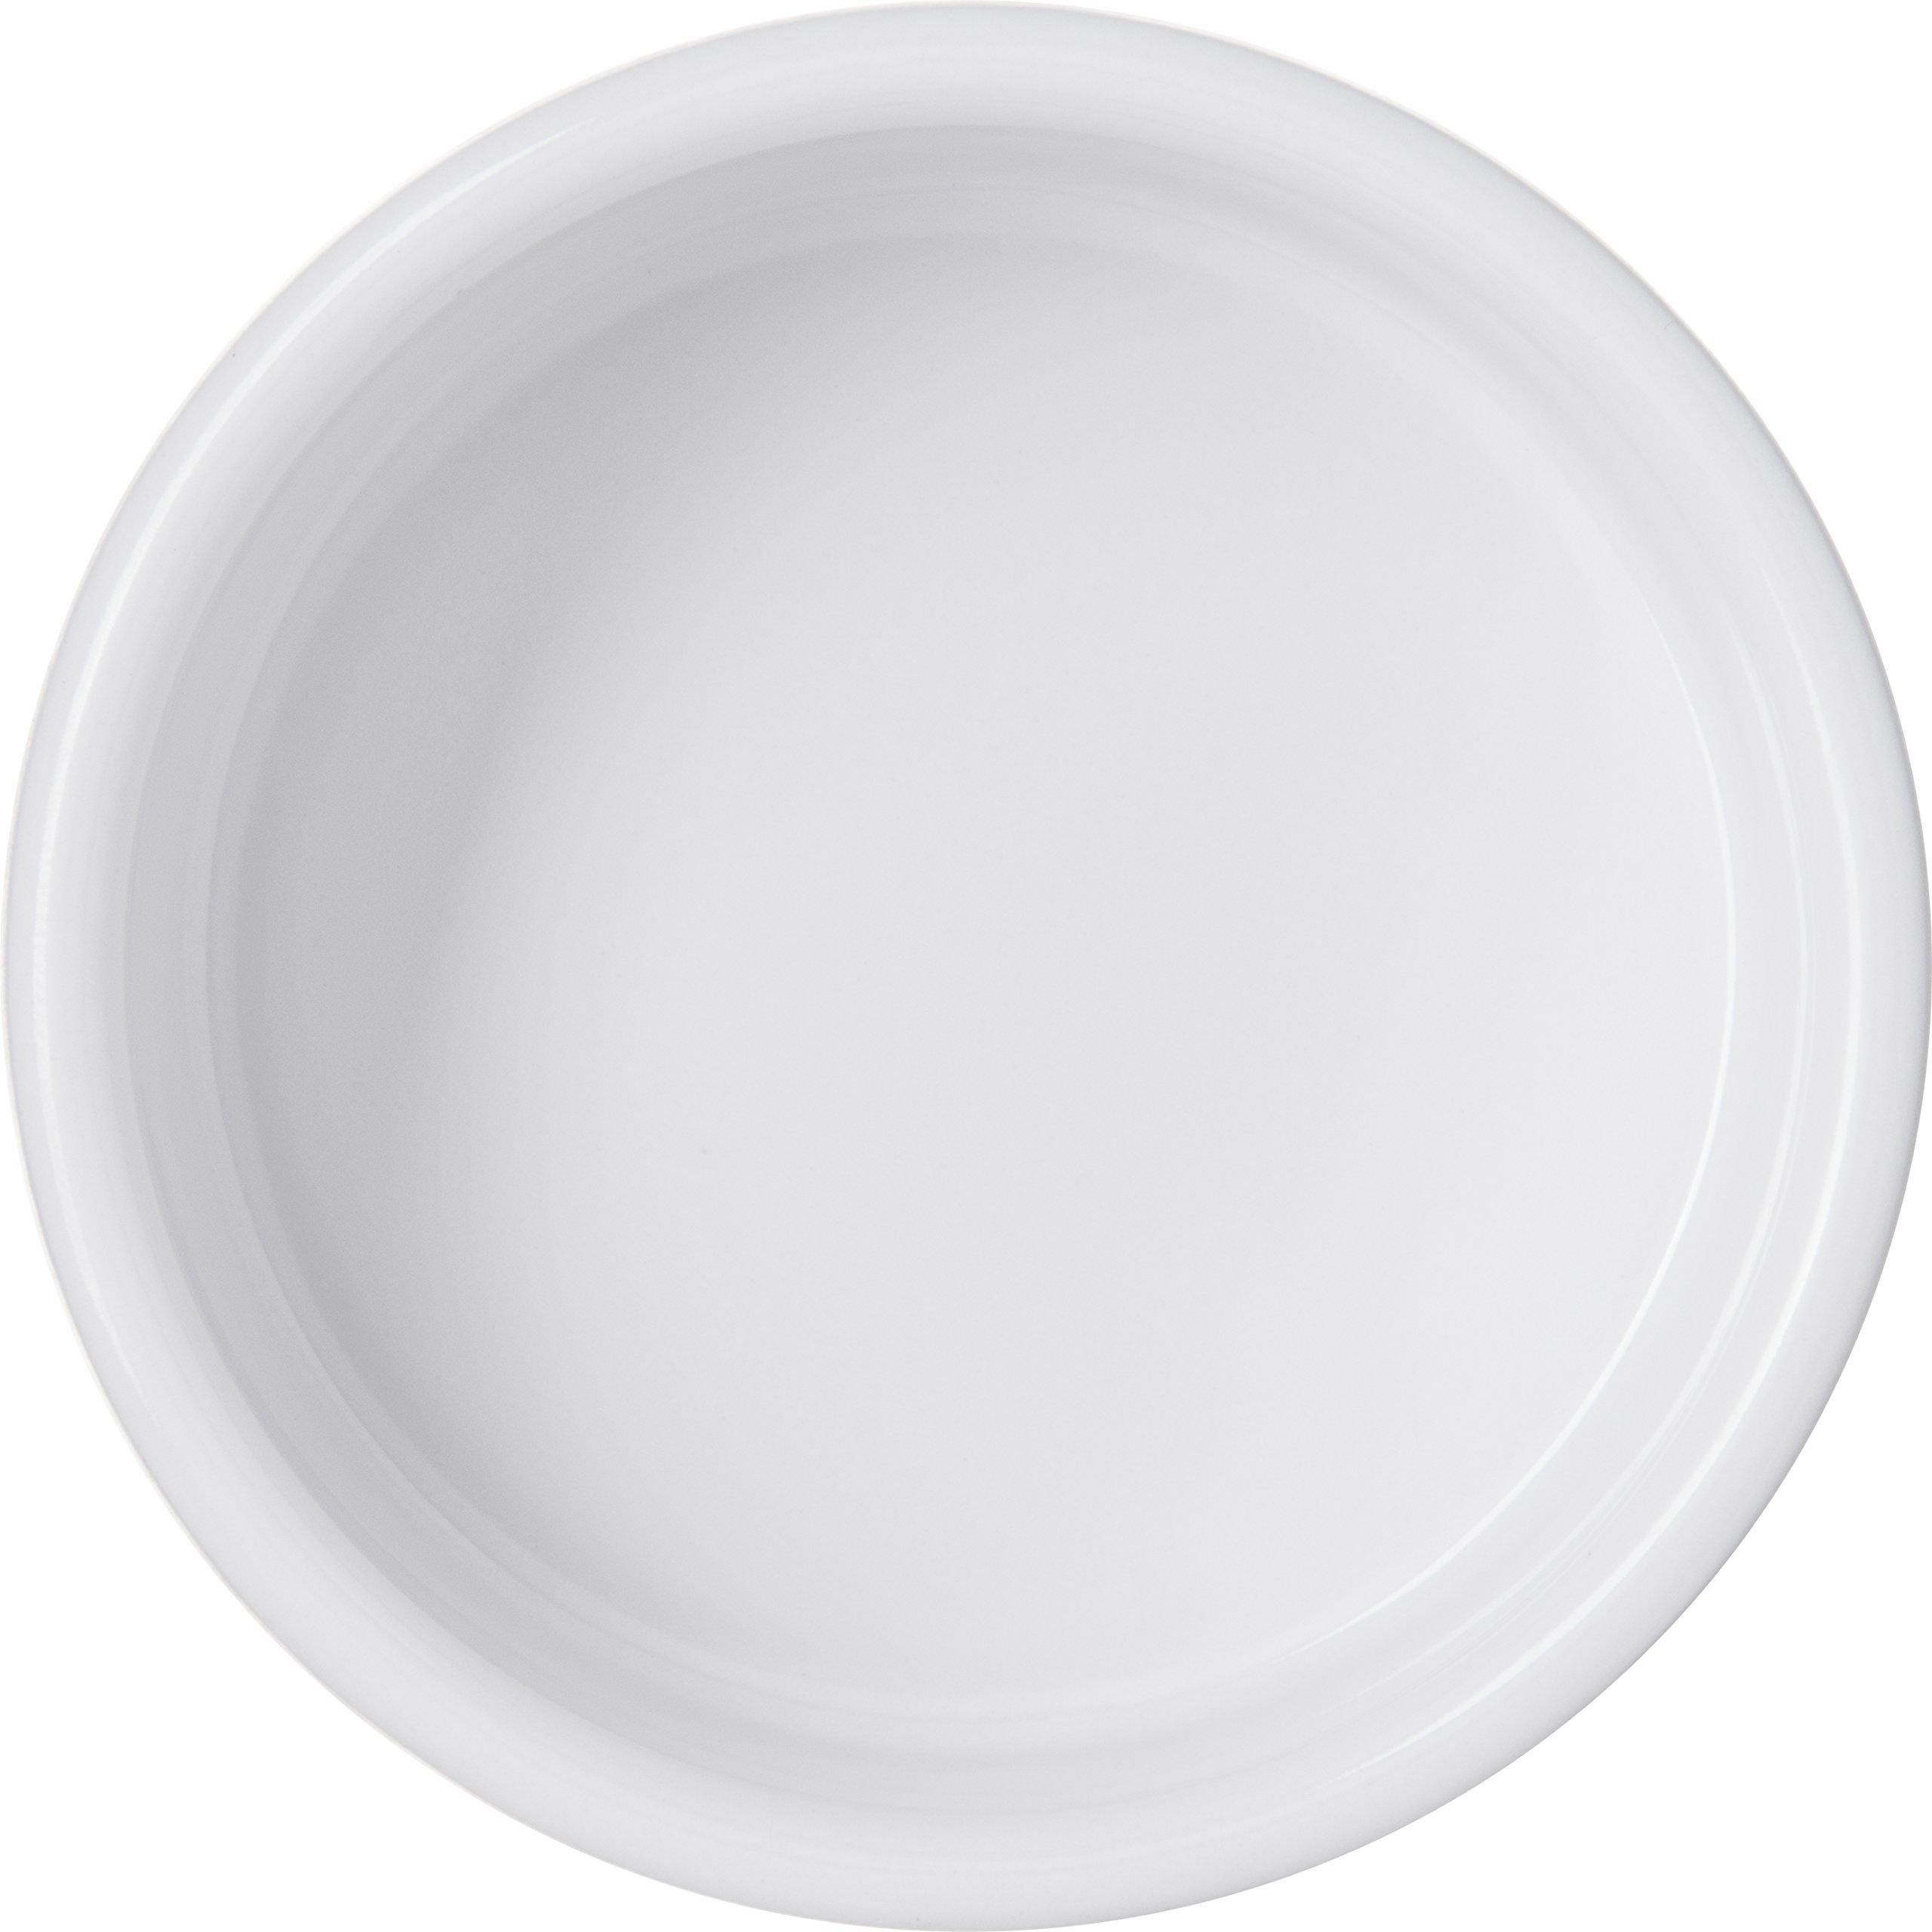 Carlisle 41402 White Melamine Straight-Sided Ramekin (Case of 48) by Carlisle (Image #3)